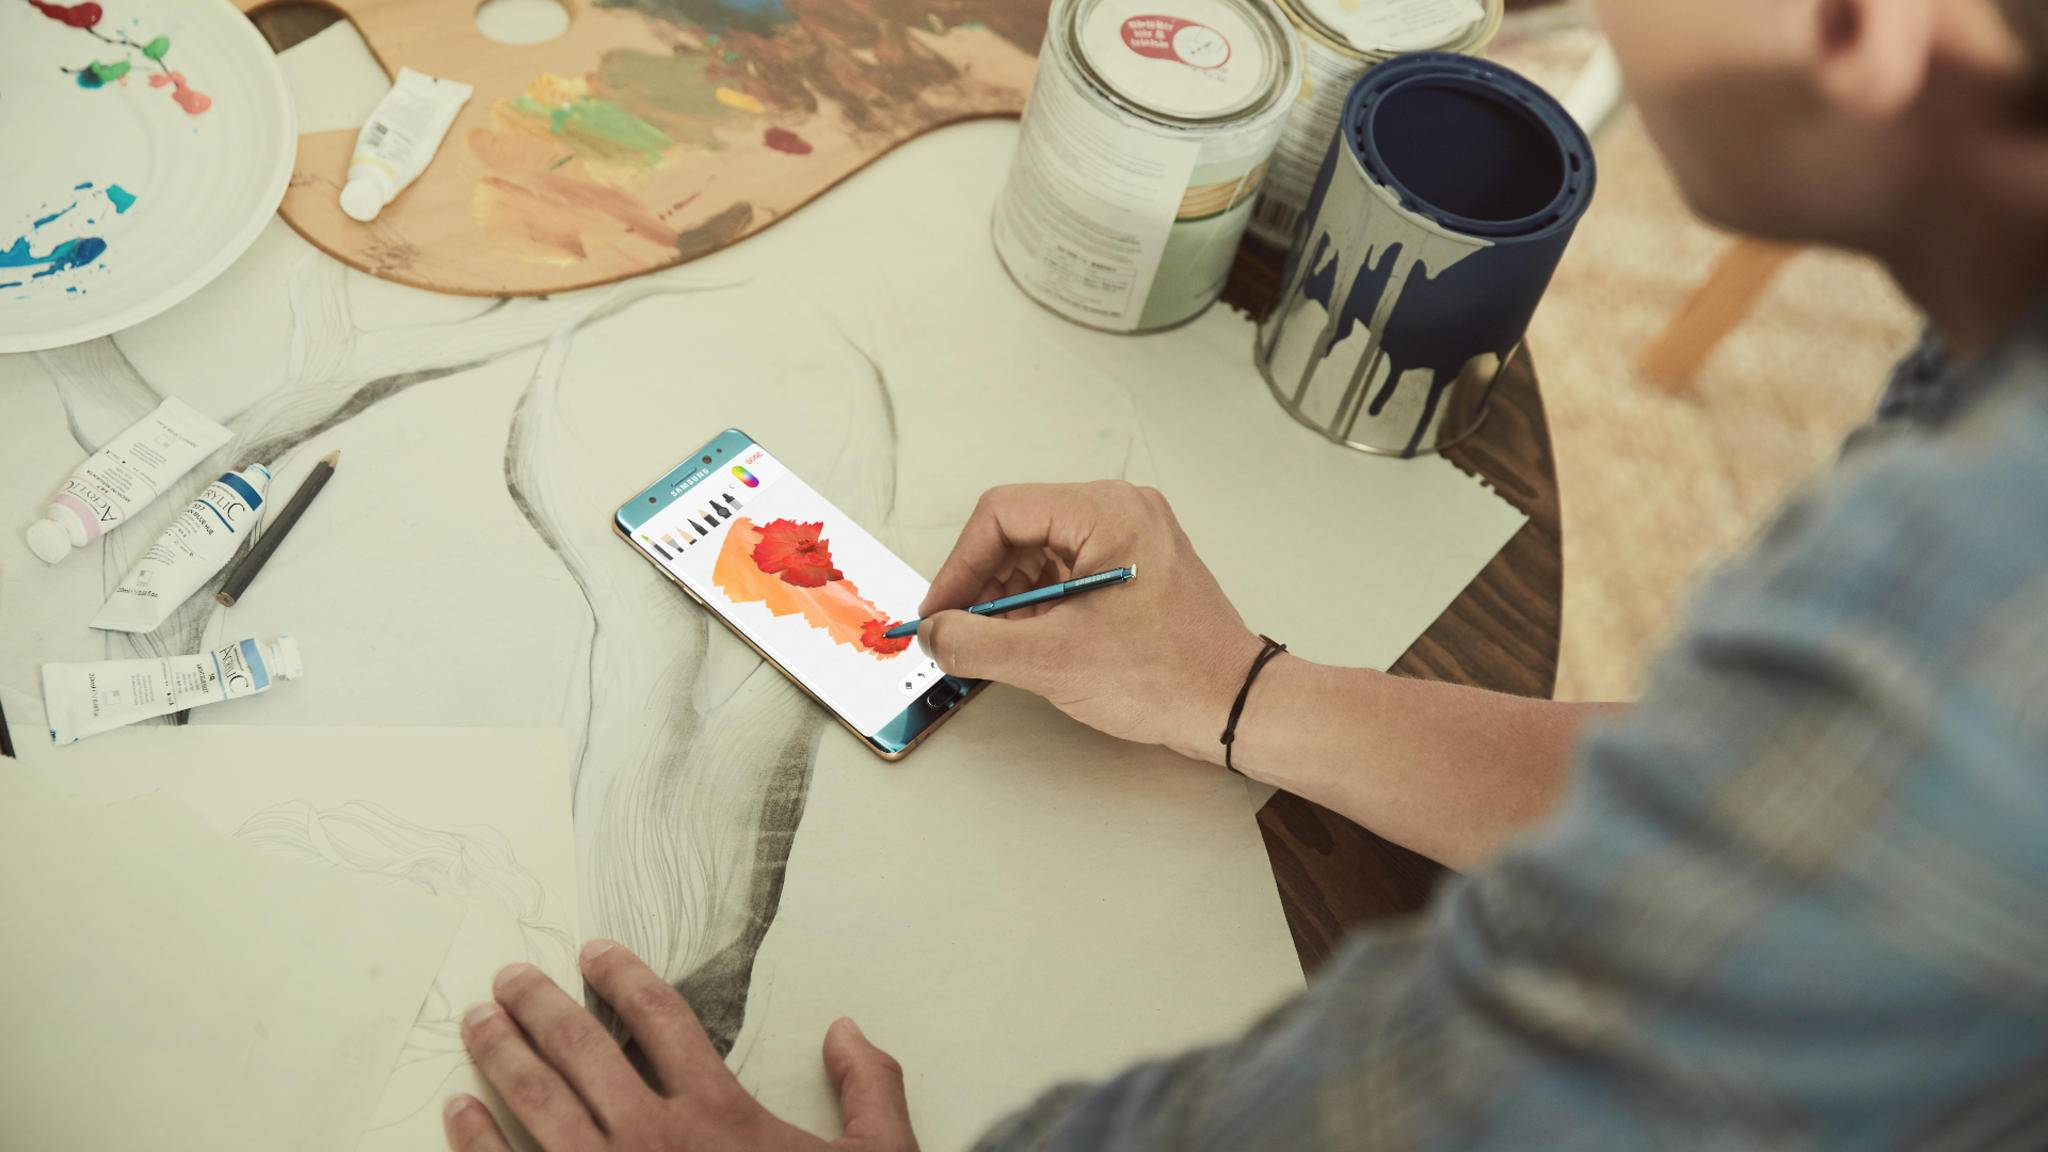 Das Galaxy Note 7 wird auch in Europa durch ein Update kaum noch benutzt werden können.